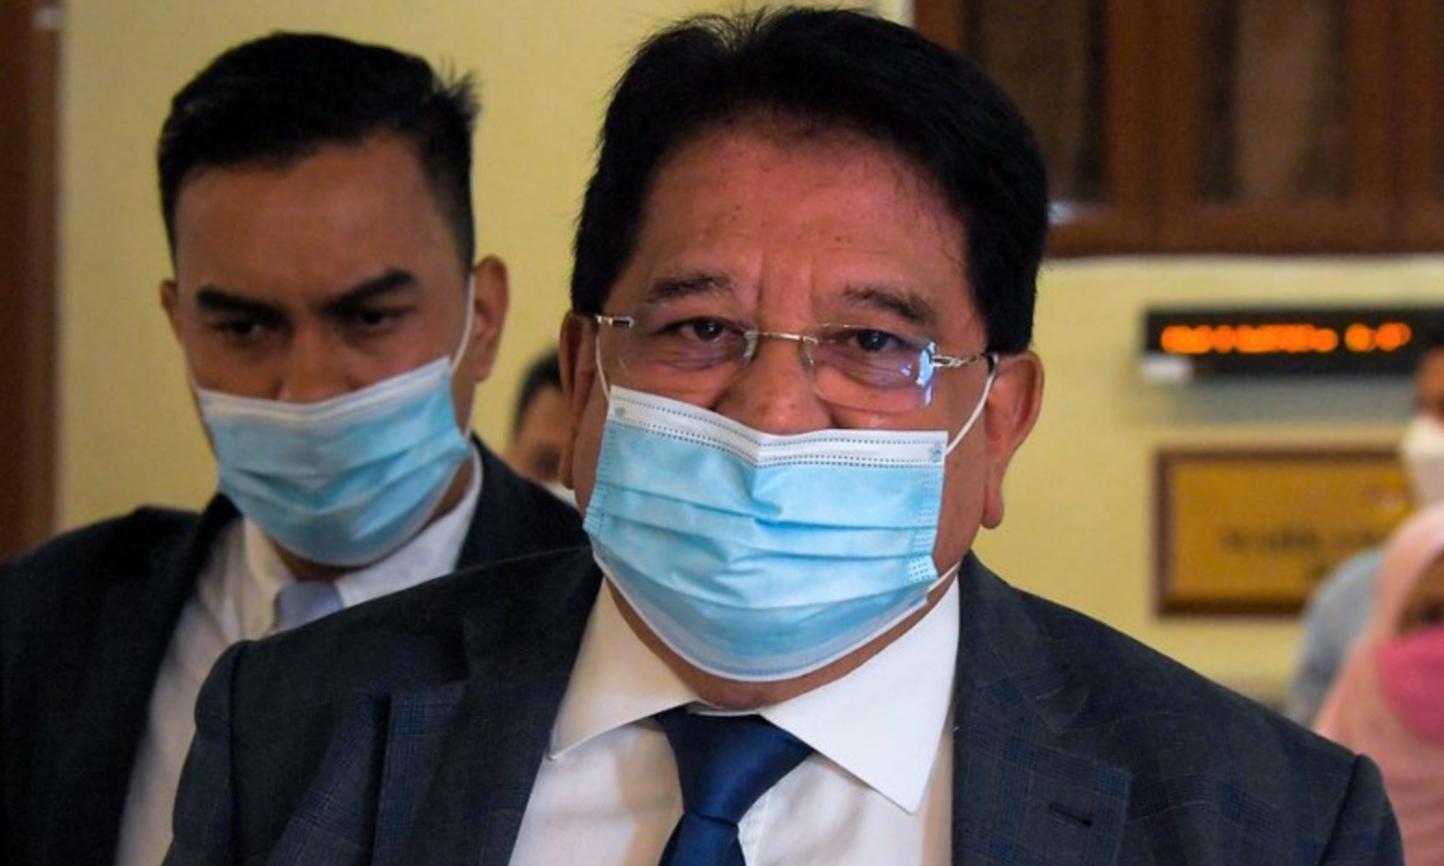 Ku Nan dilepas tanpa bebas tuduhan rasuah RM1 juta